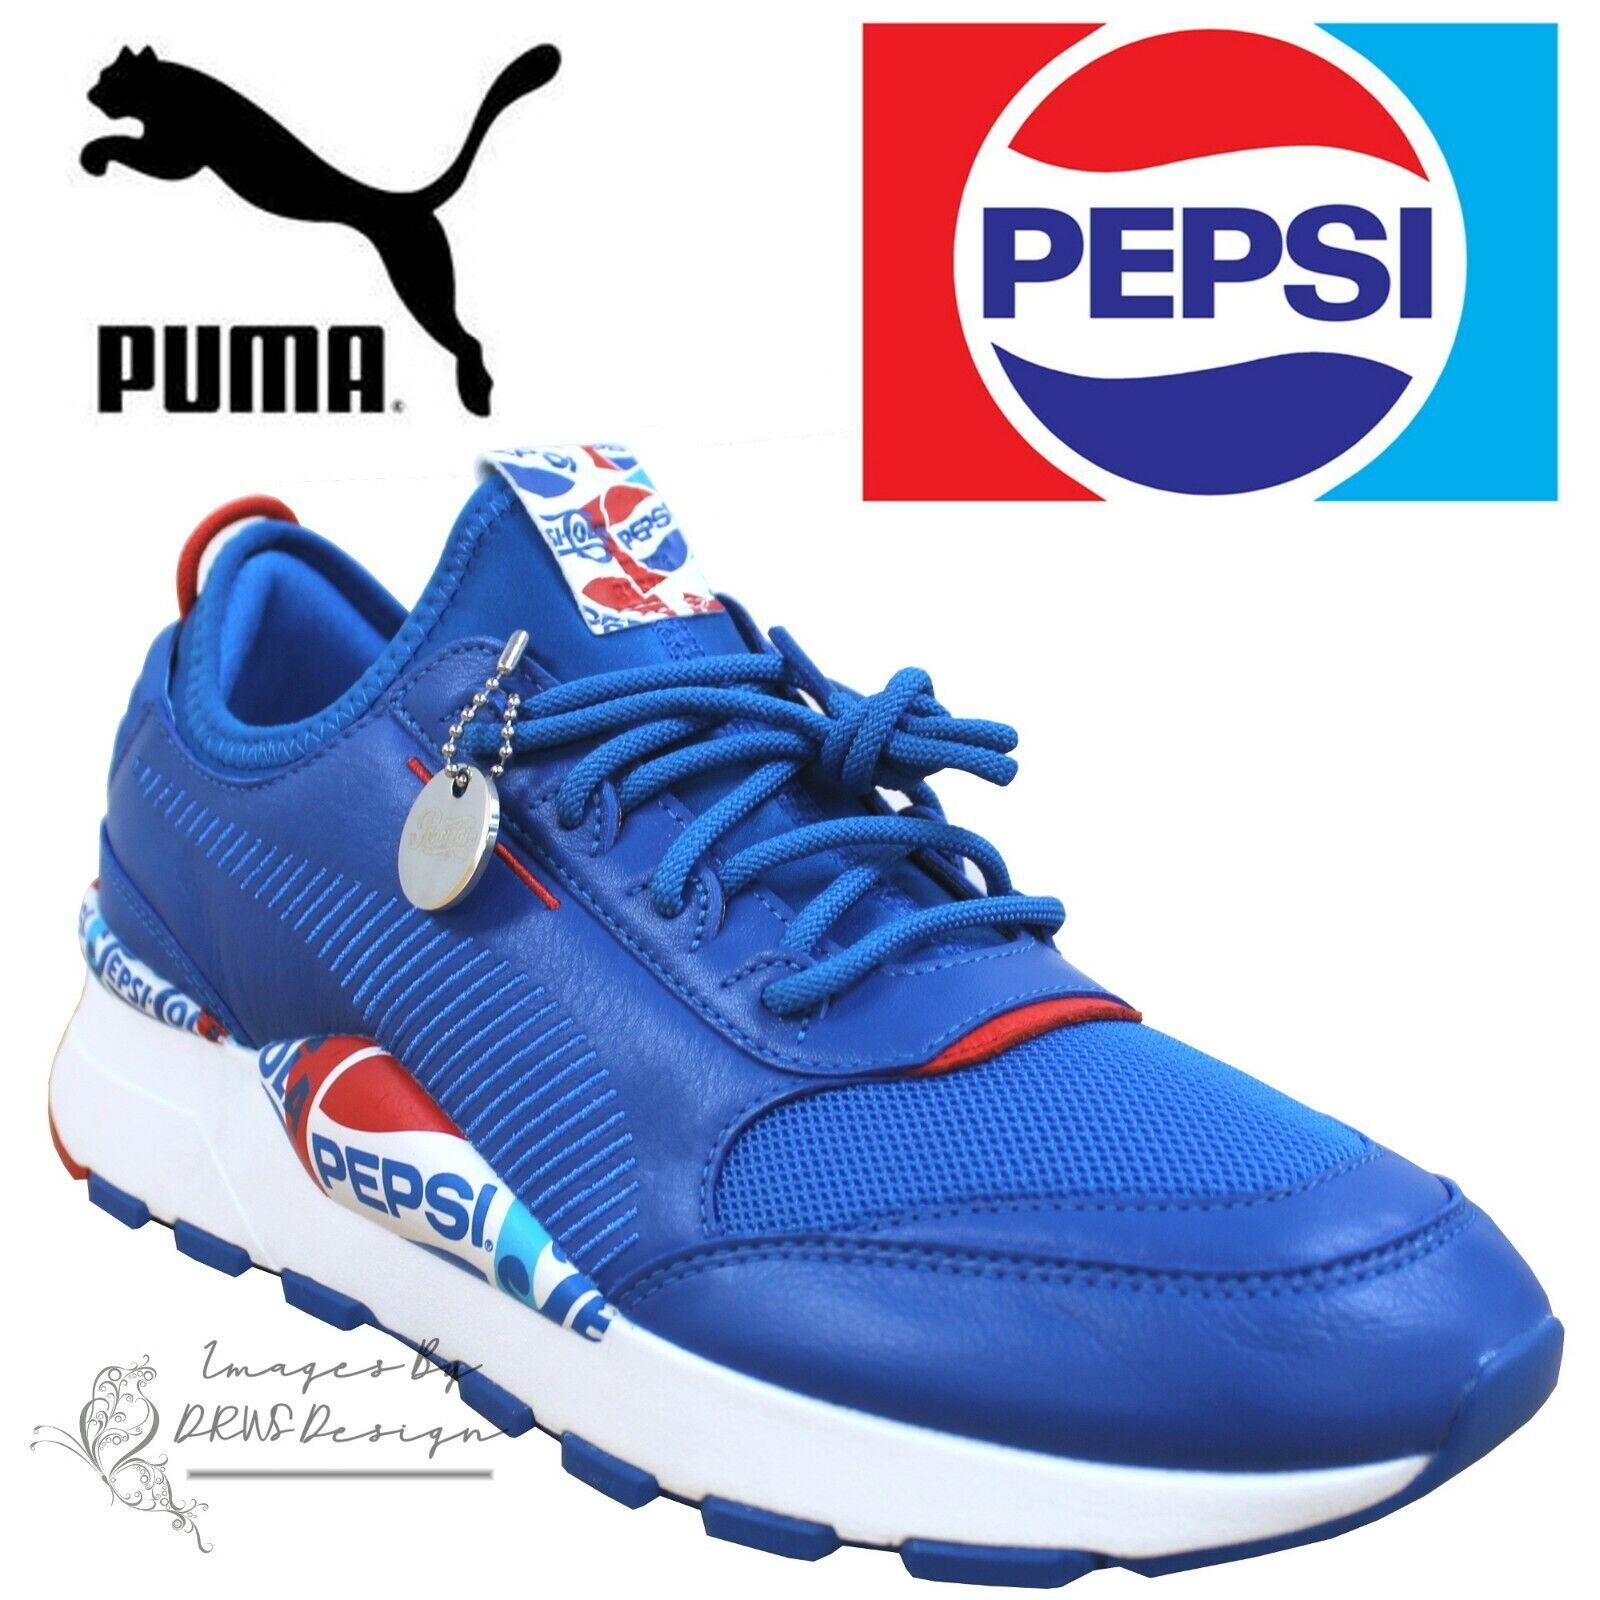 Puma x Pepsi rs 0 HERREN BLAU TURNSCHUHE RETRO RUNNING